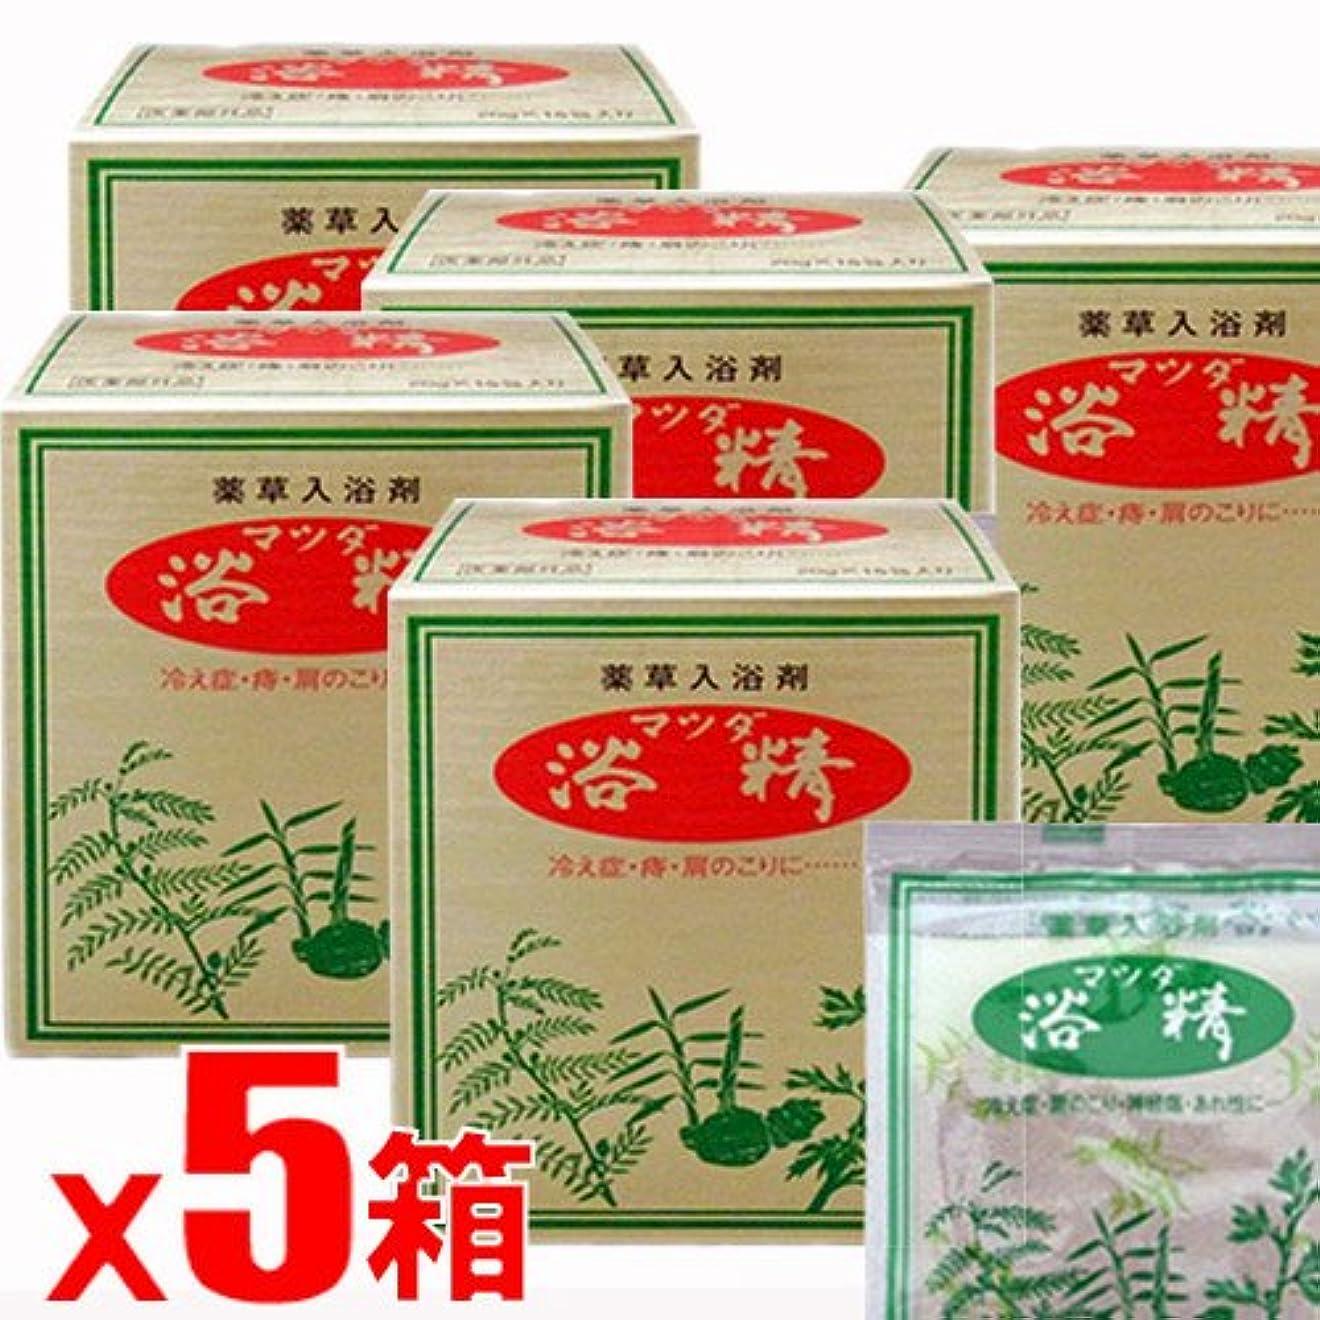 ライナーどきどき愛情【5箱】薬草入浴剤 マツダ浴精 20g×15包x5箱(4962461435165-5)